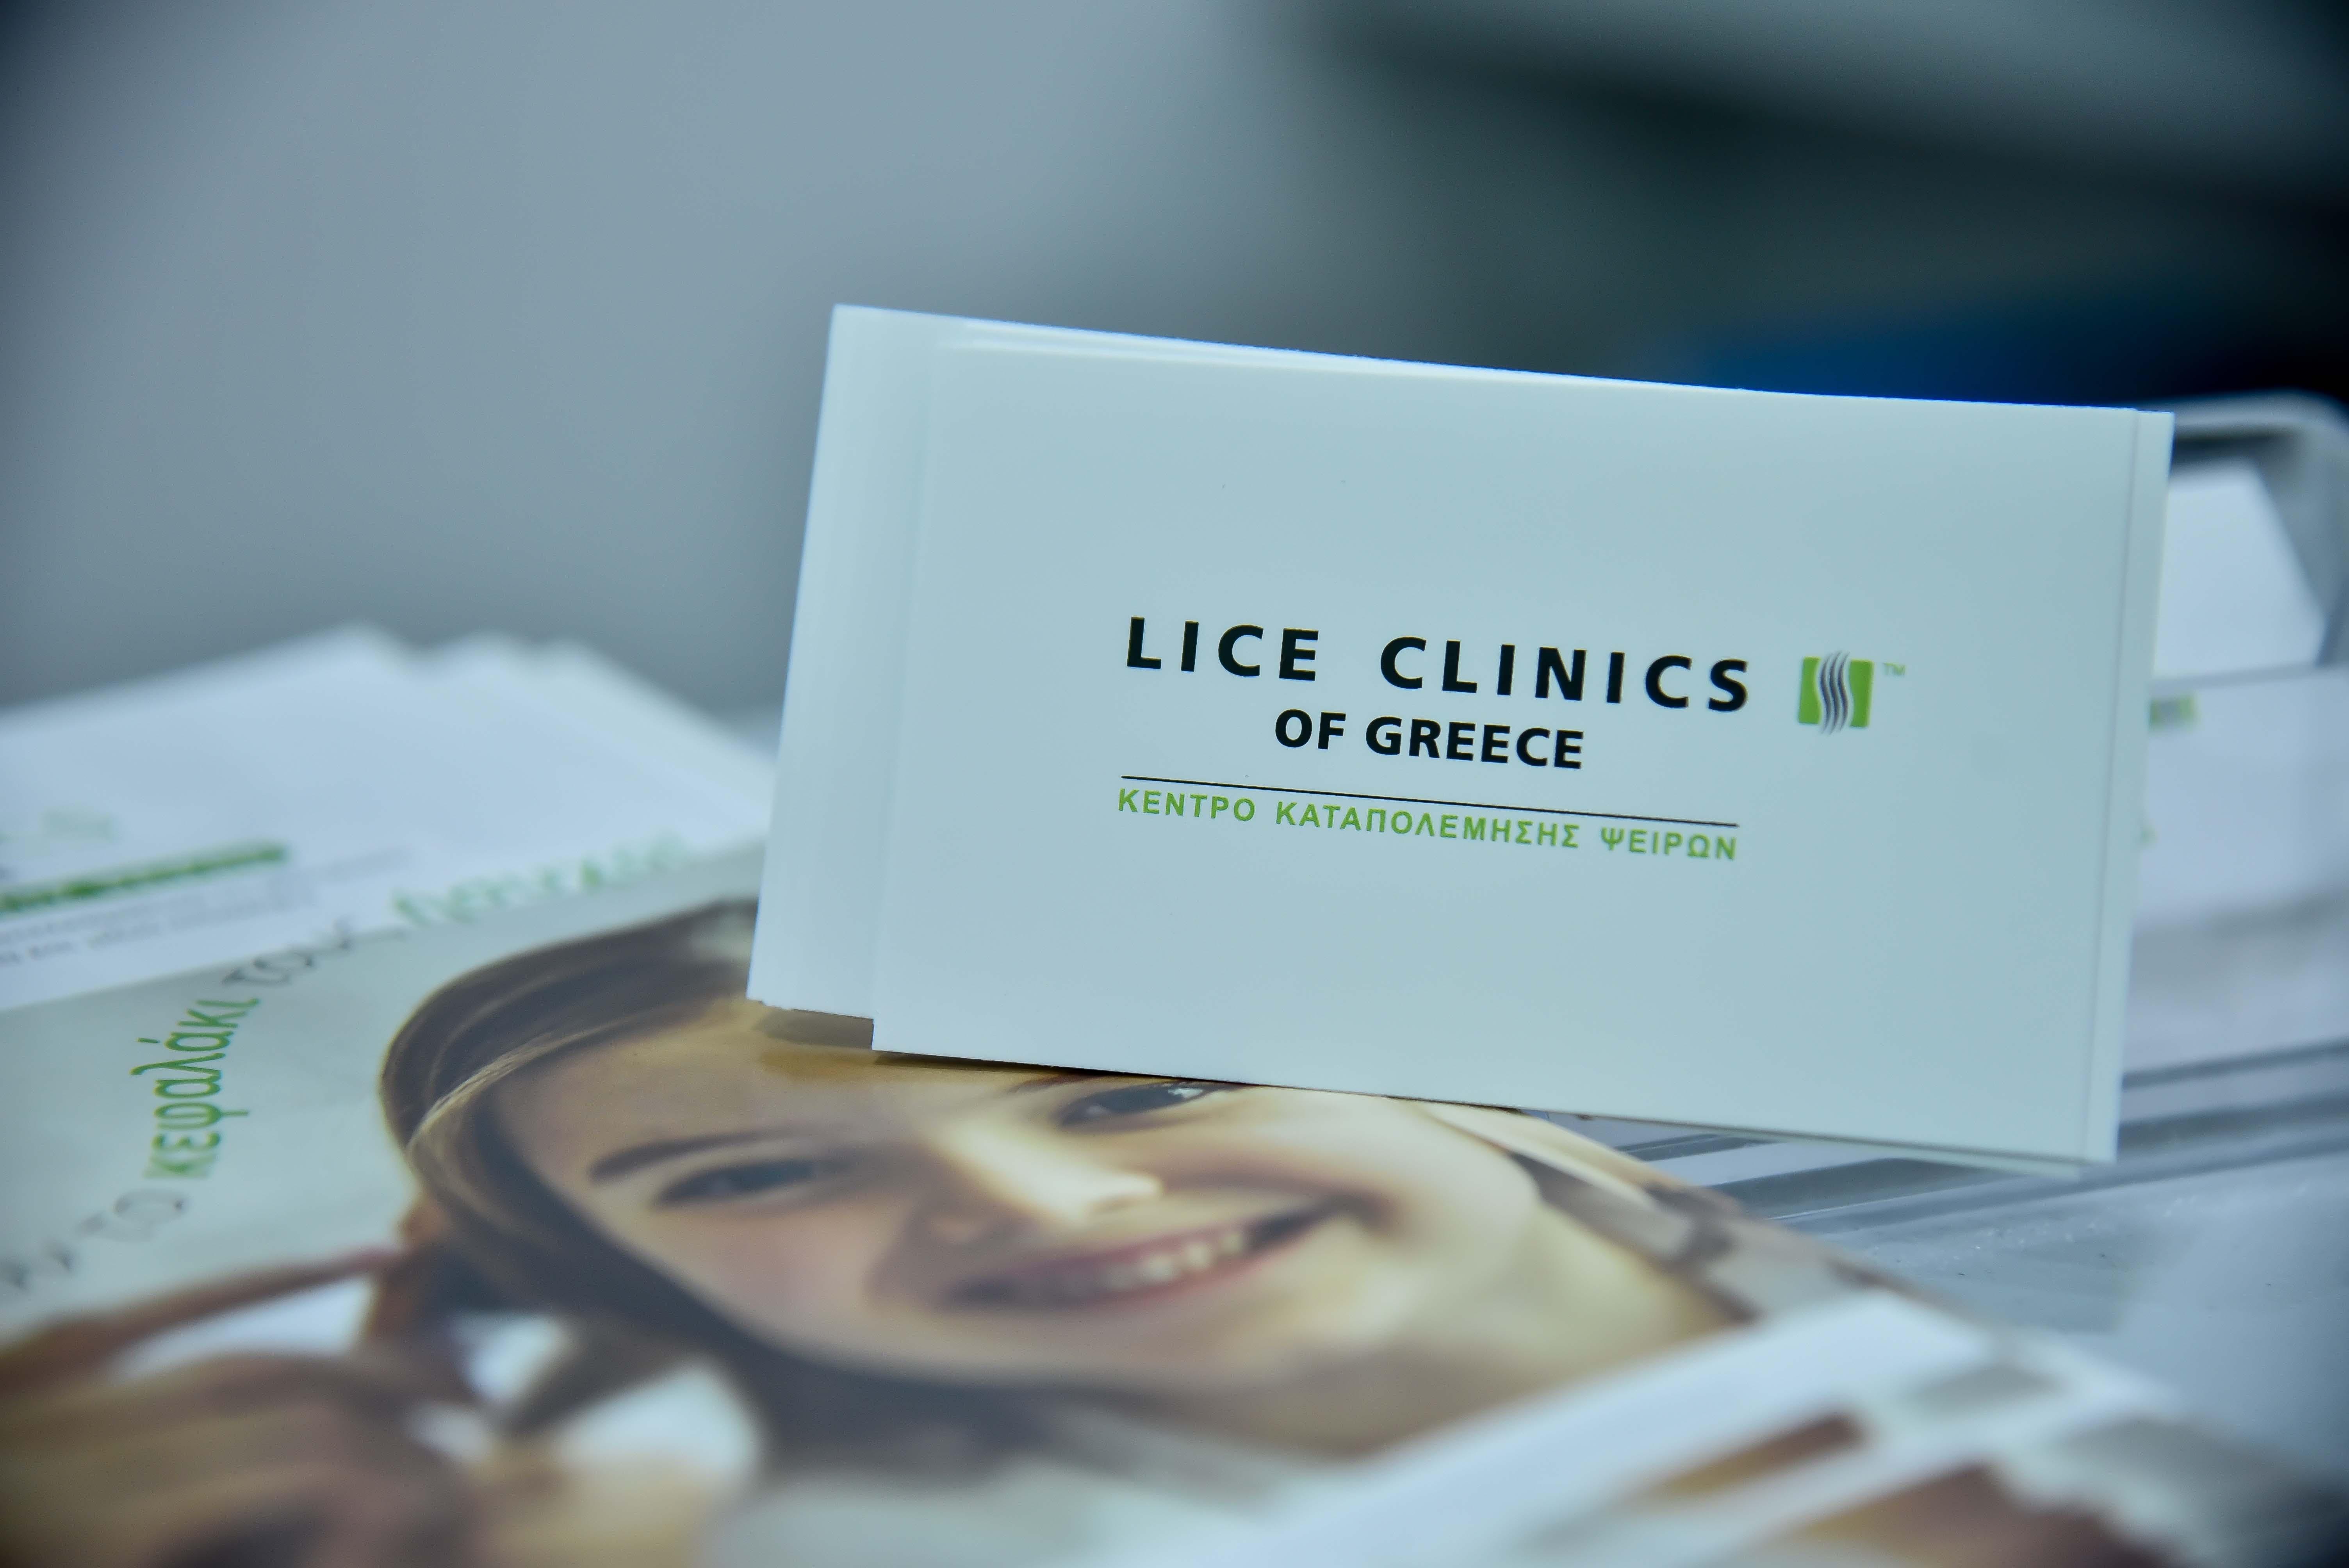 LAZ 1123 - Lice Clinics: Όλες οι Λαρισαίες μαμάδες θα το λατρέψουν!